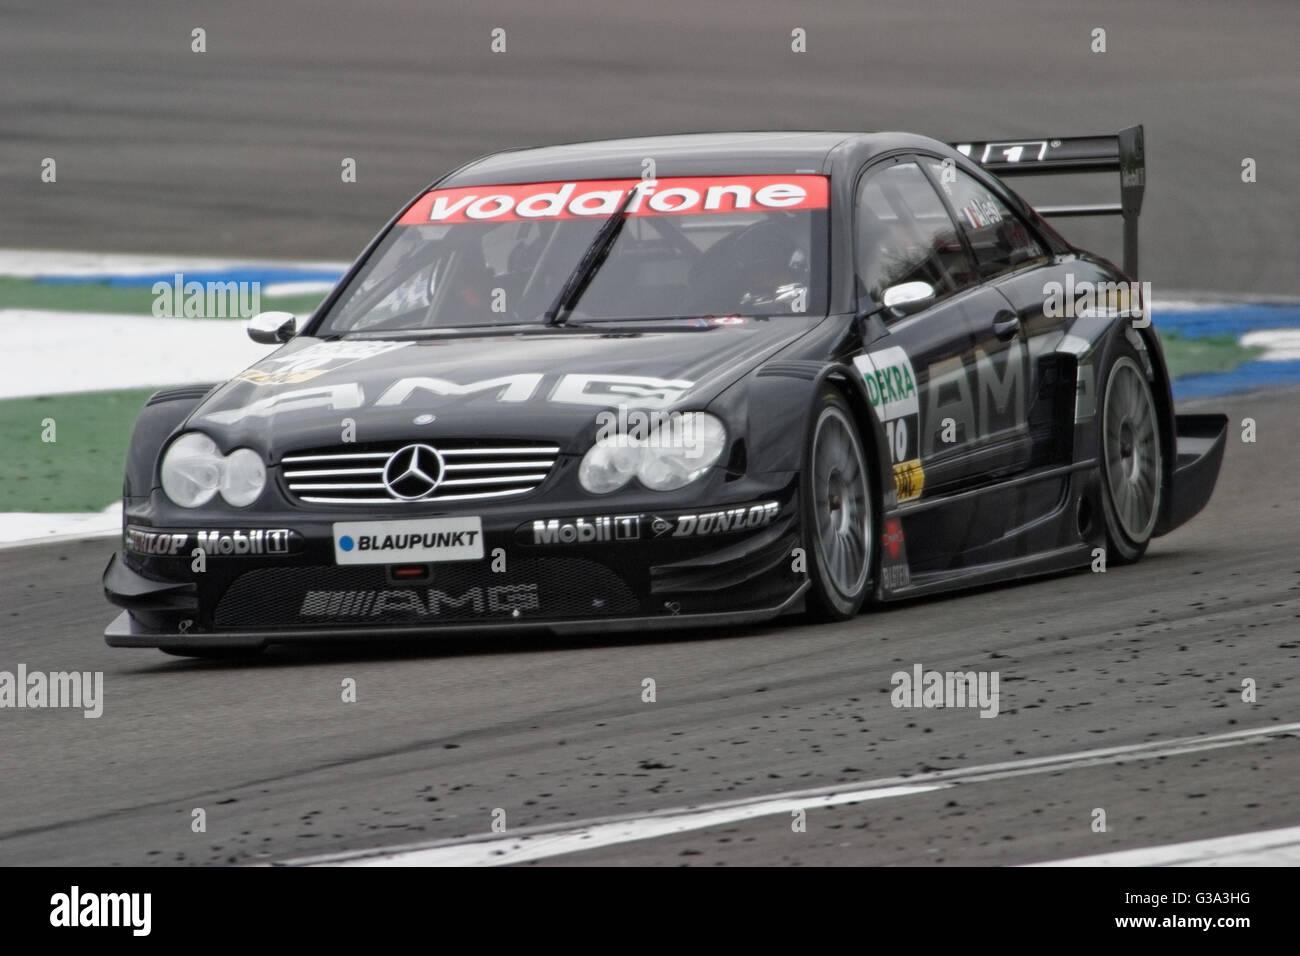 Jean Alesi, FRA, DTM, Hockenheim, Germany, 2003 - Stock Image